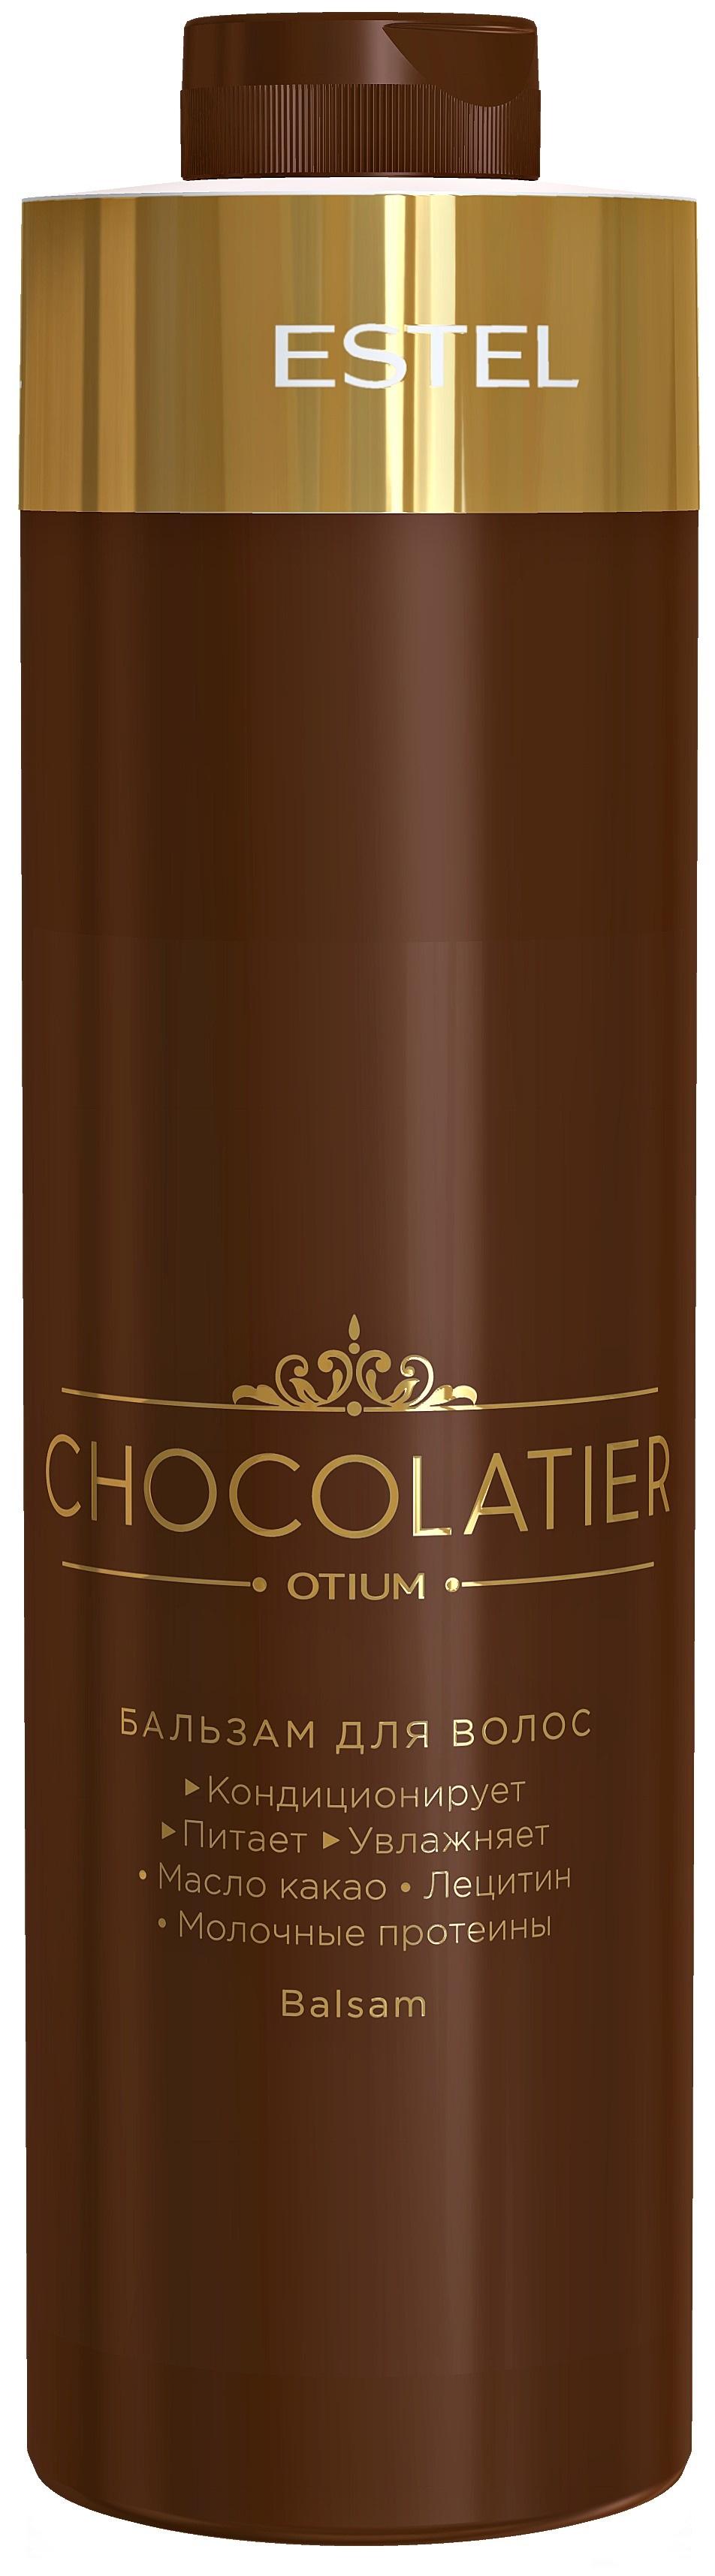 Бальзам для волос ESTEL PROFESSIONAL OTIUM CHOCOLATIER для увлажнения и питания 1000 мл estel бальзам для волос chocolatier 1000 мл